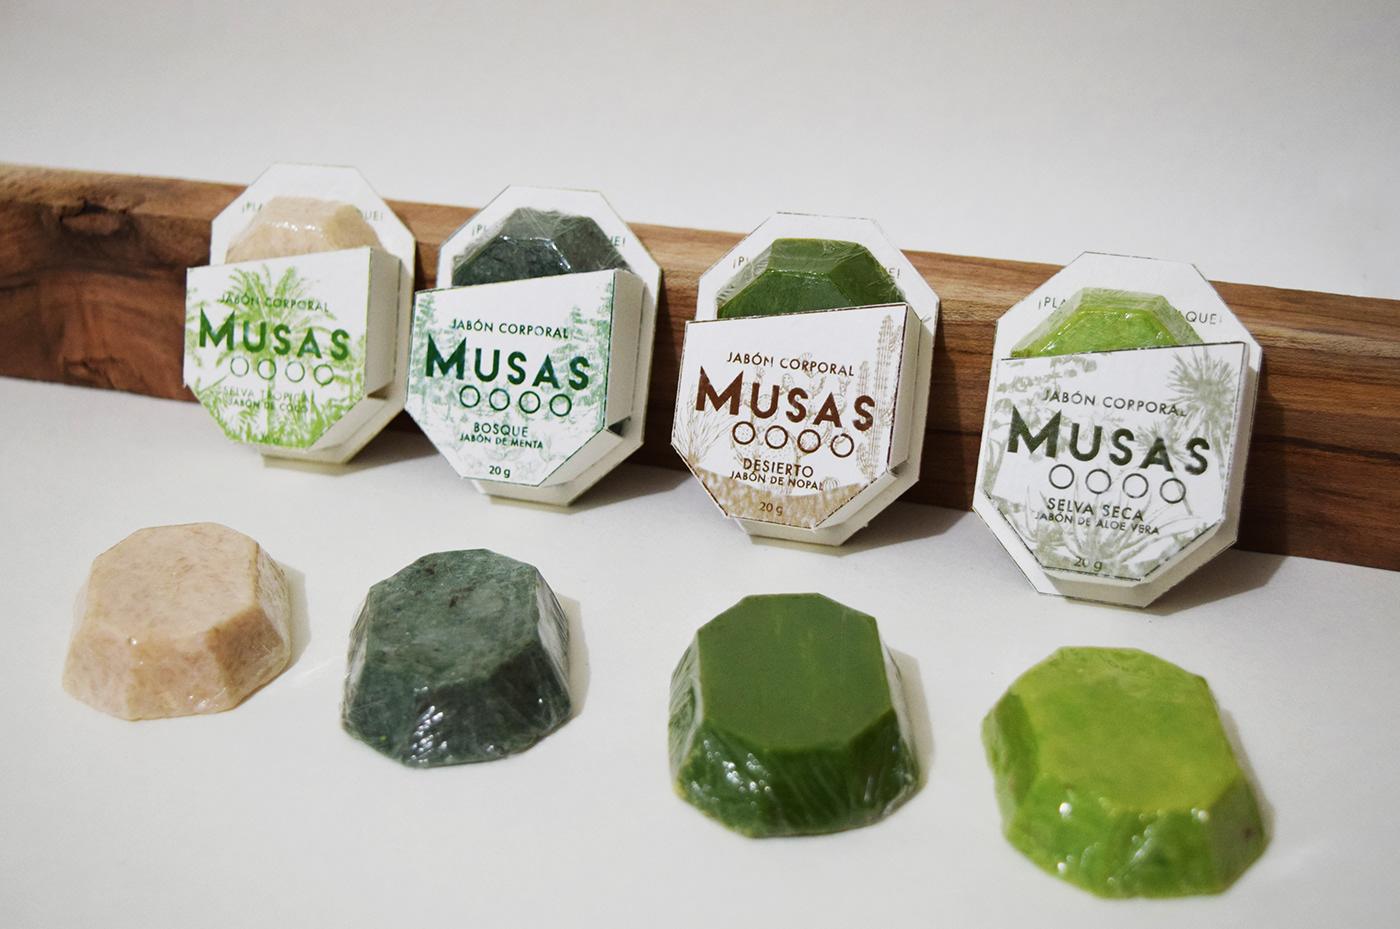 packagin sustentable soap mexico jabones bathroom clean